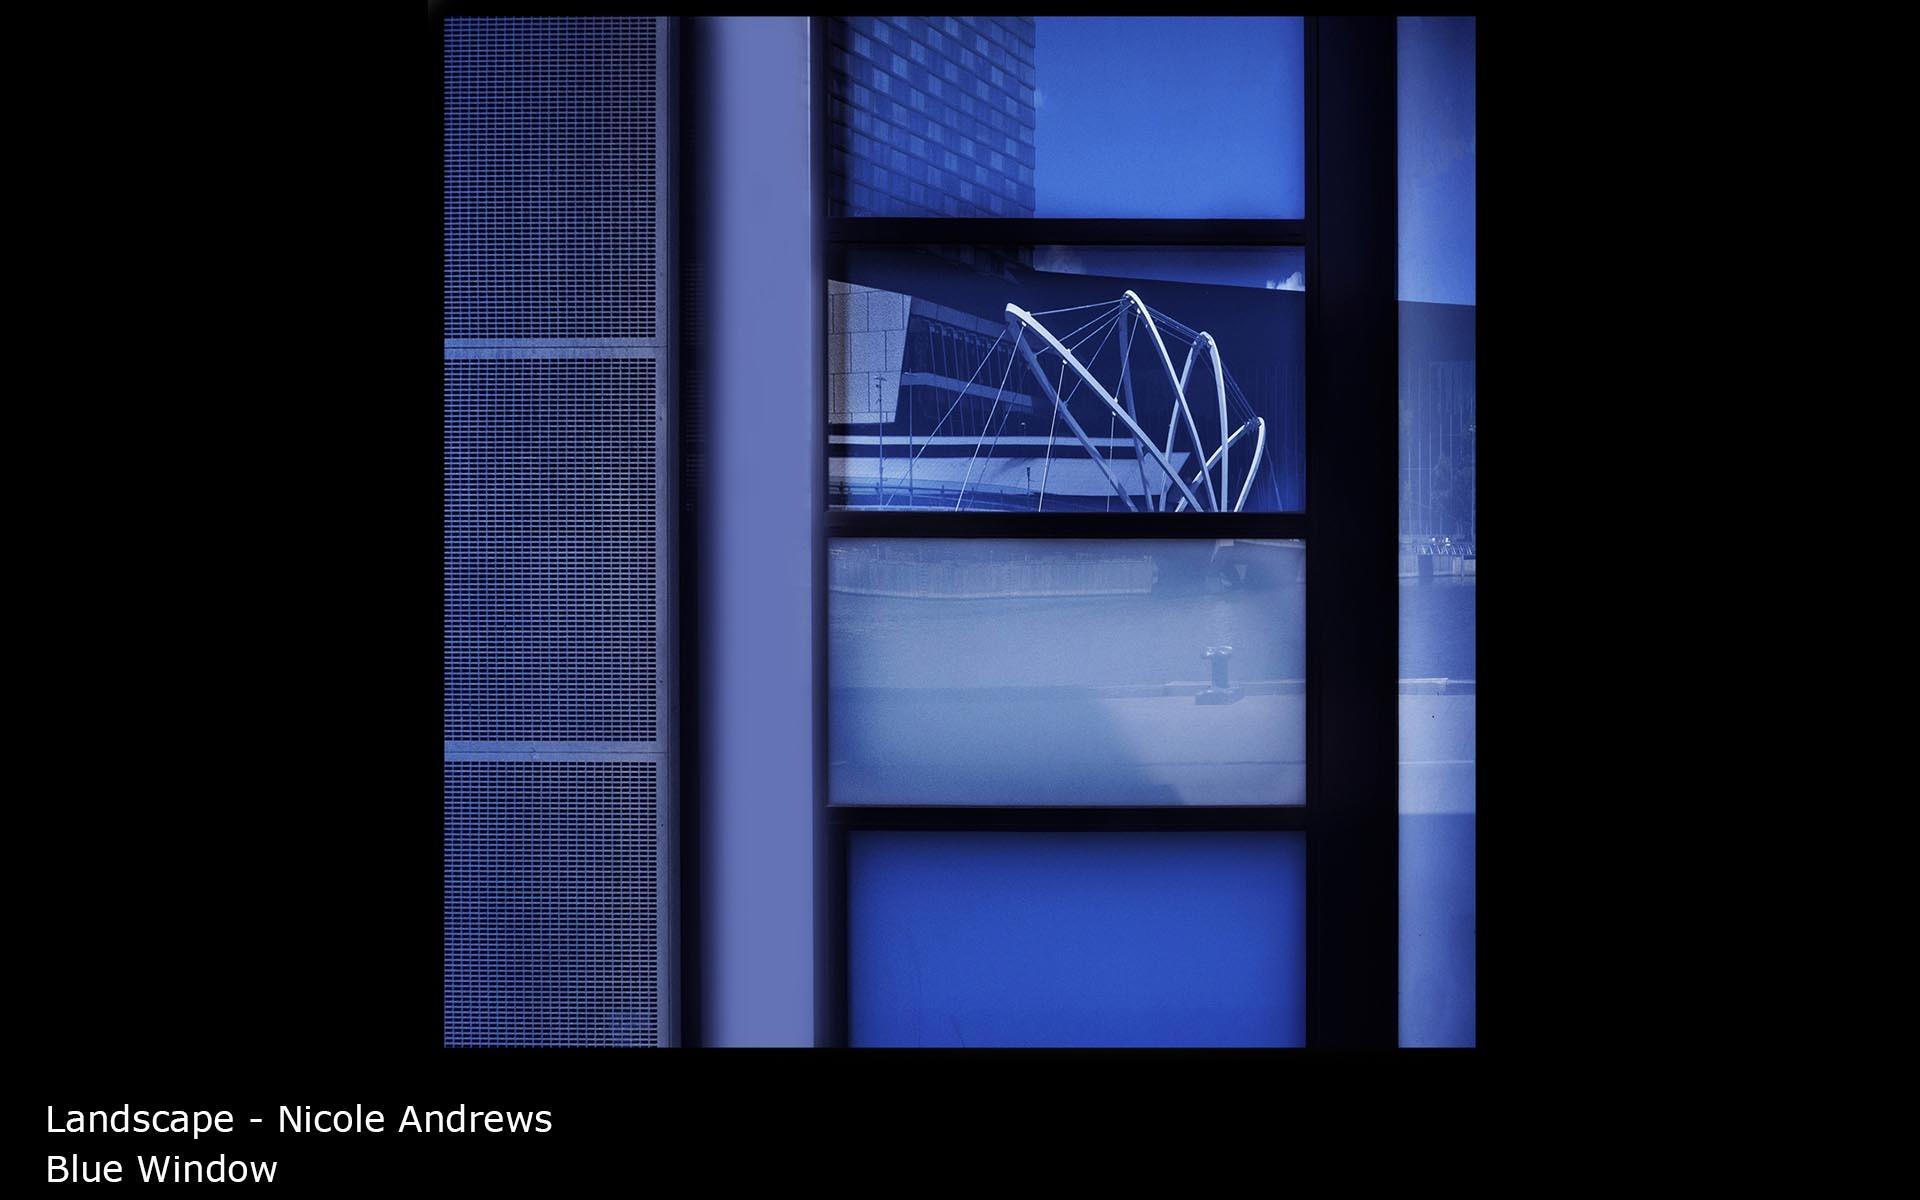 Blue Window - Nicole Andrews